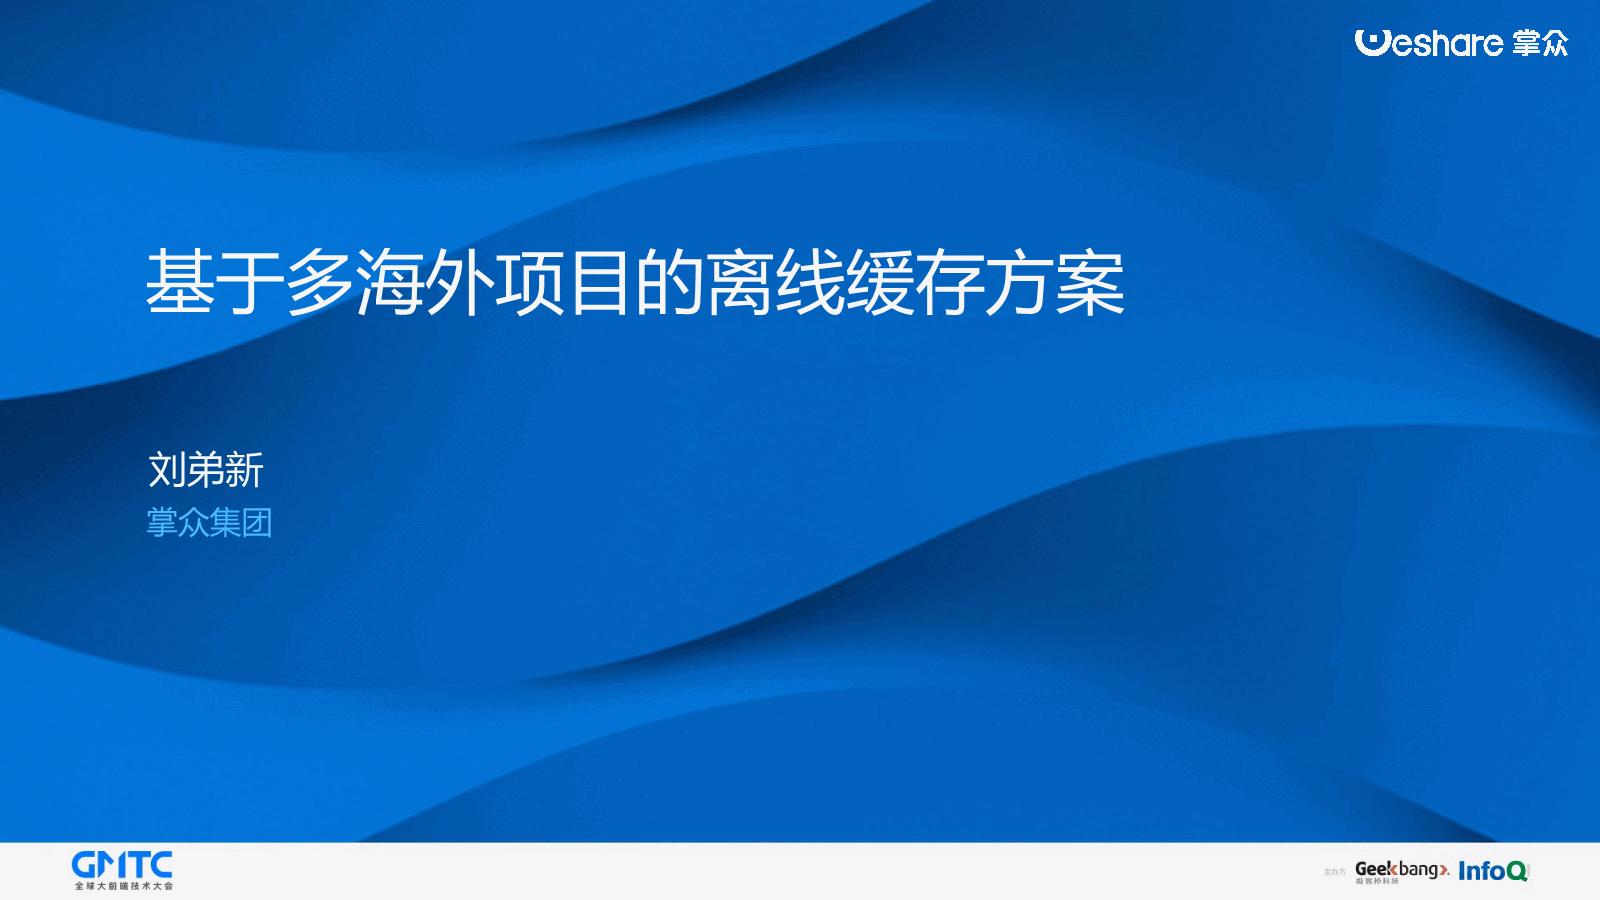 刘弟新-基于多项目的离线缓存实现方案